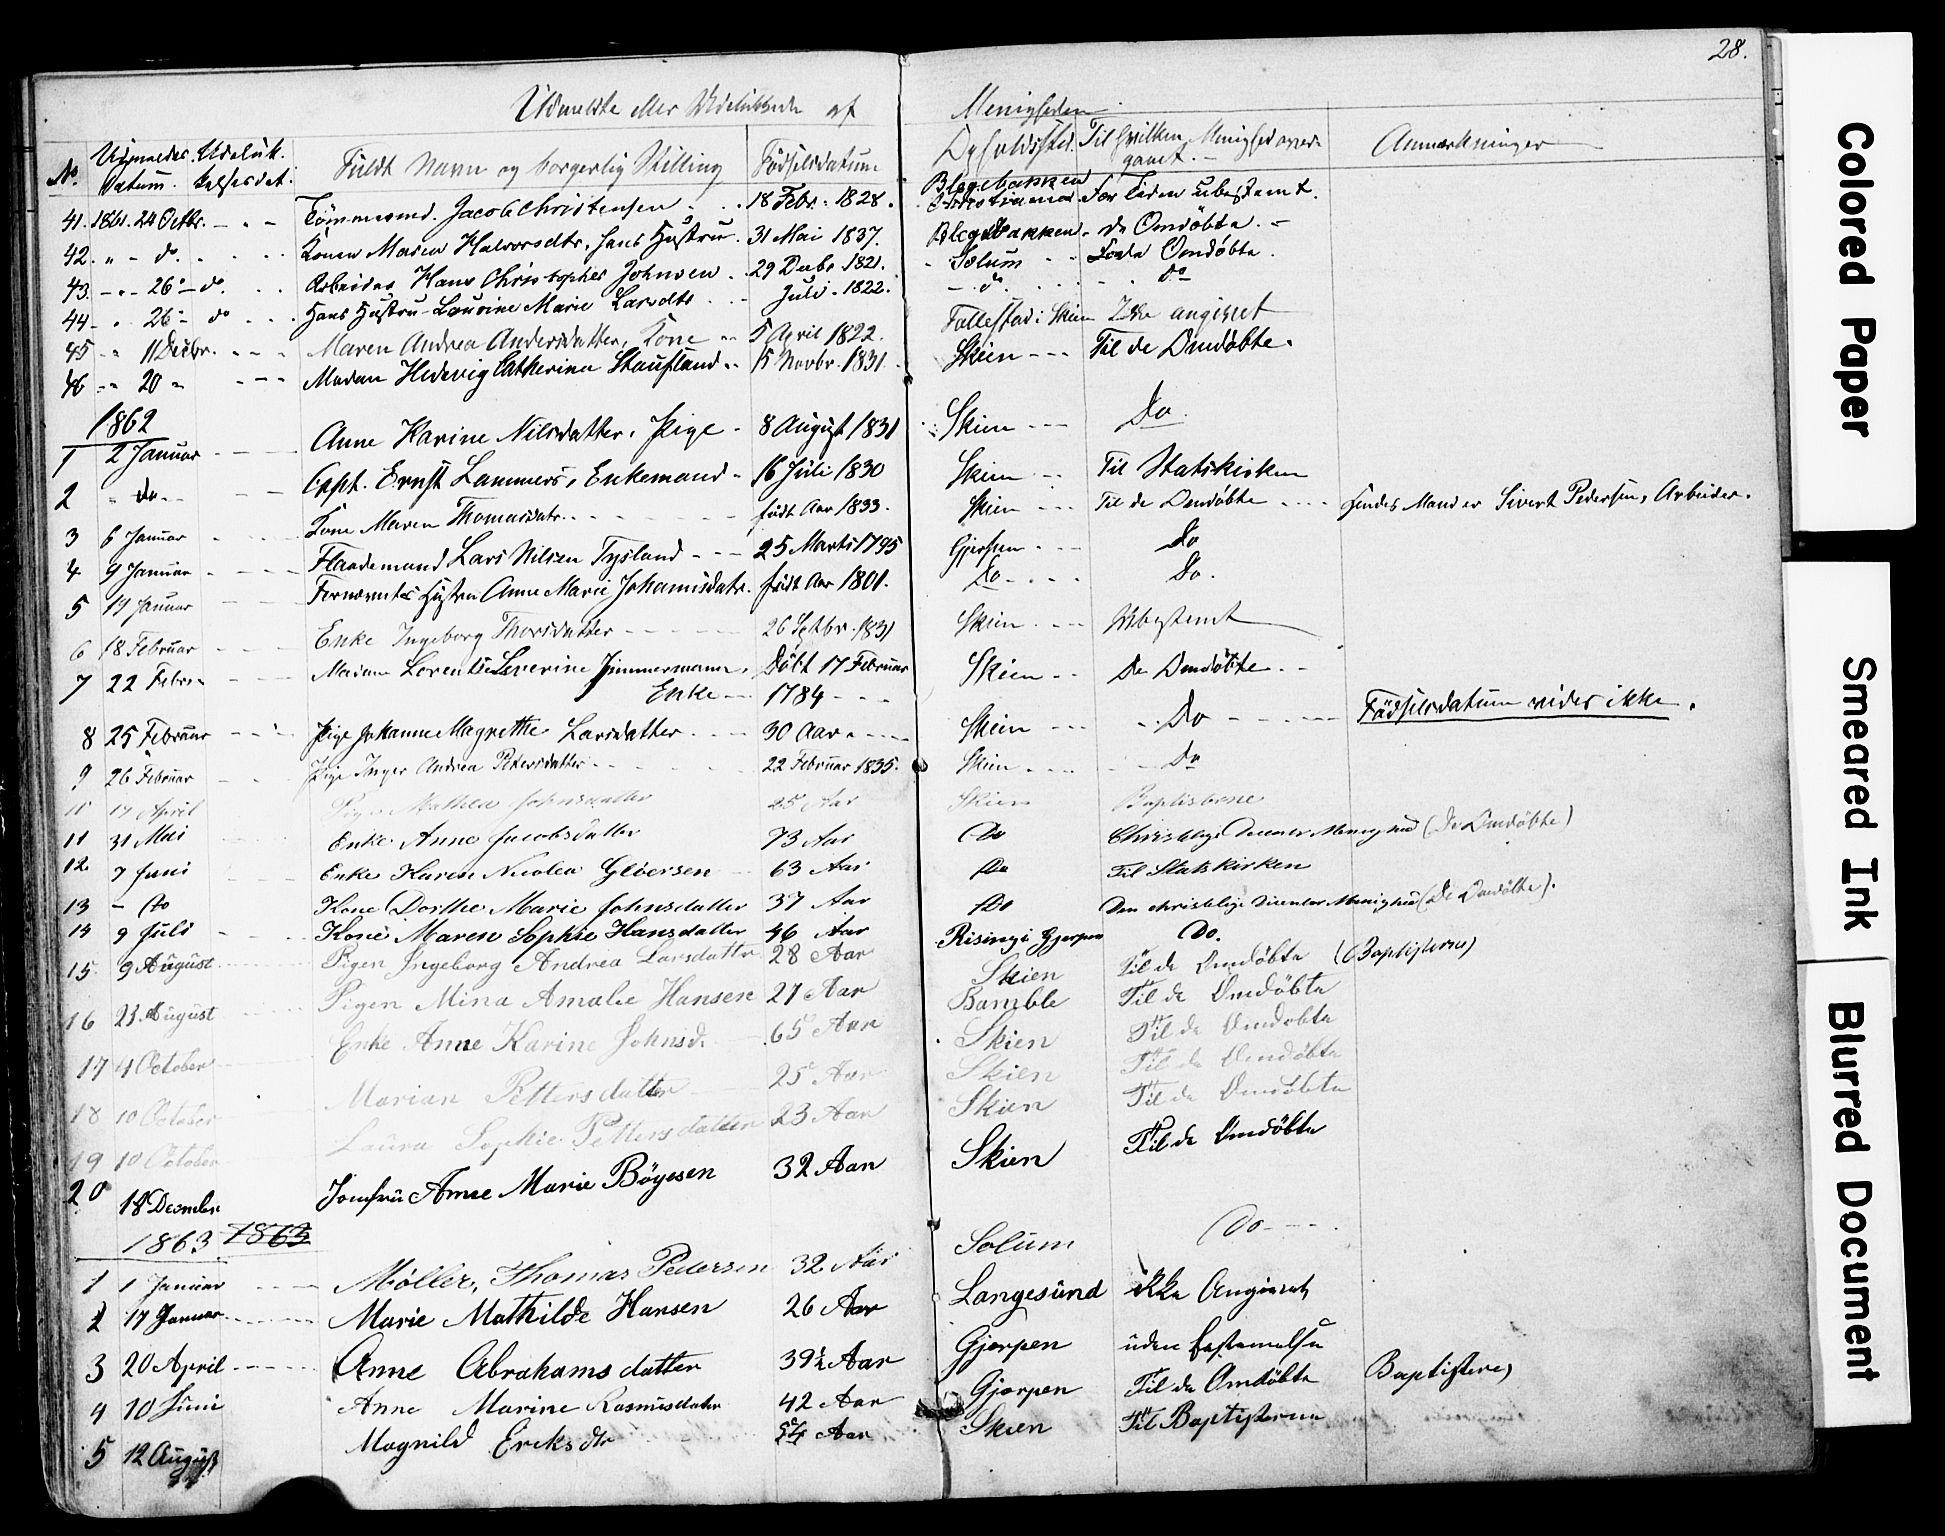 SAKO, Den frie apostolisk-kristelige menighet i Skien, F/Fa/L0001: Dissenterprotokoll nr. 1, 1856-1892, s. 28